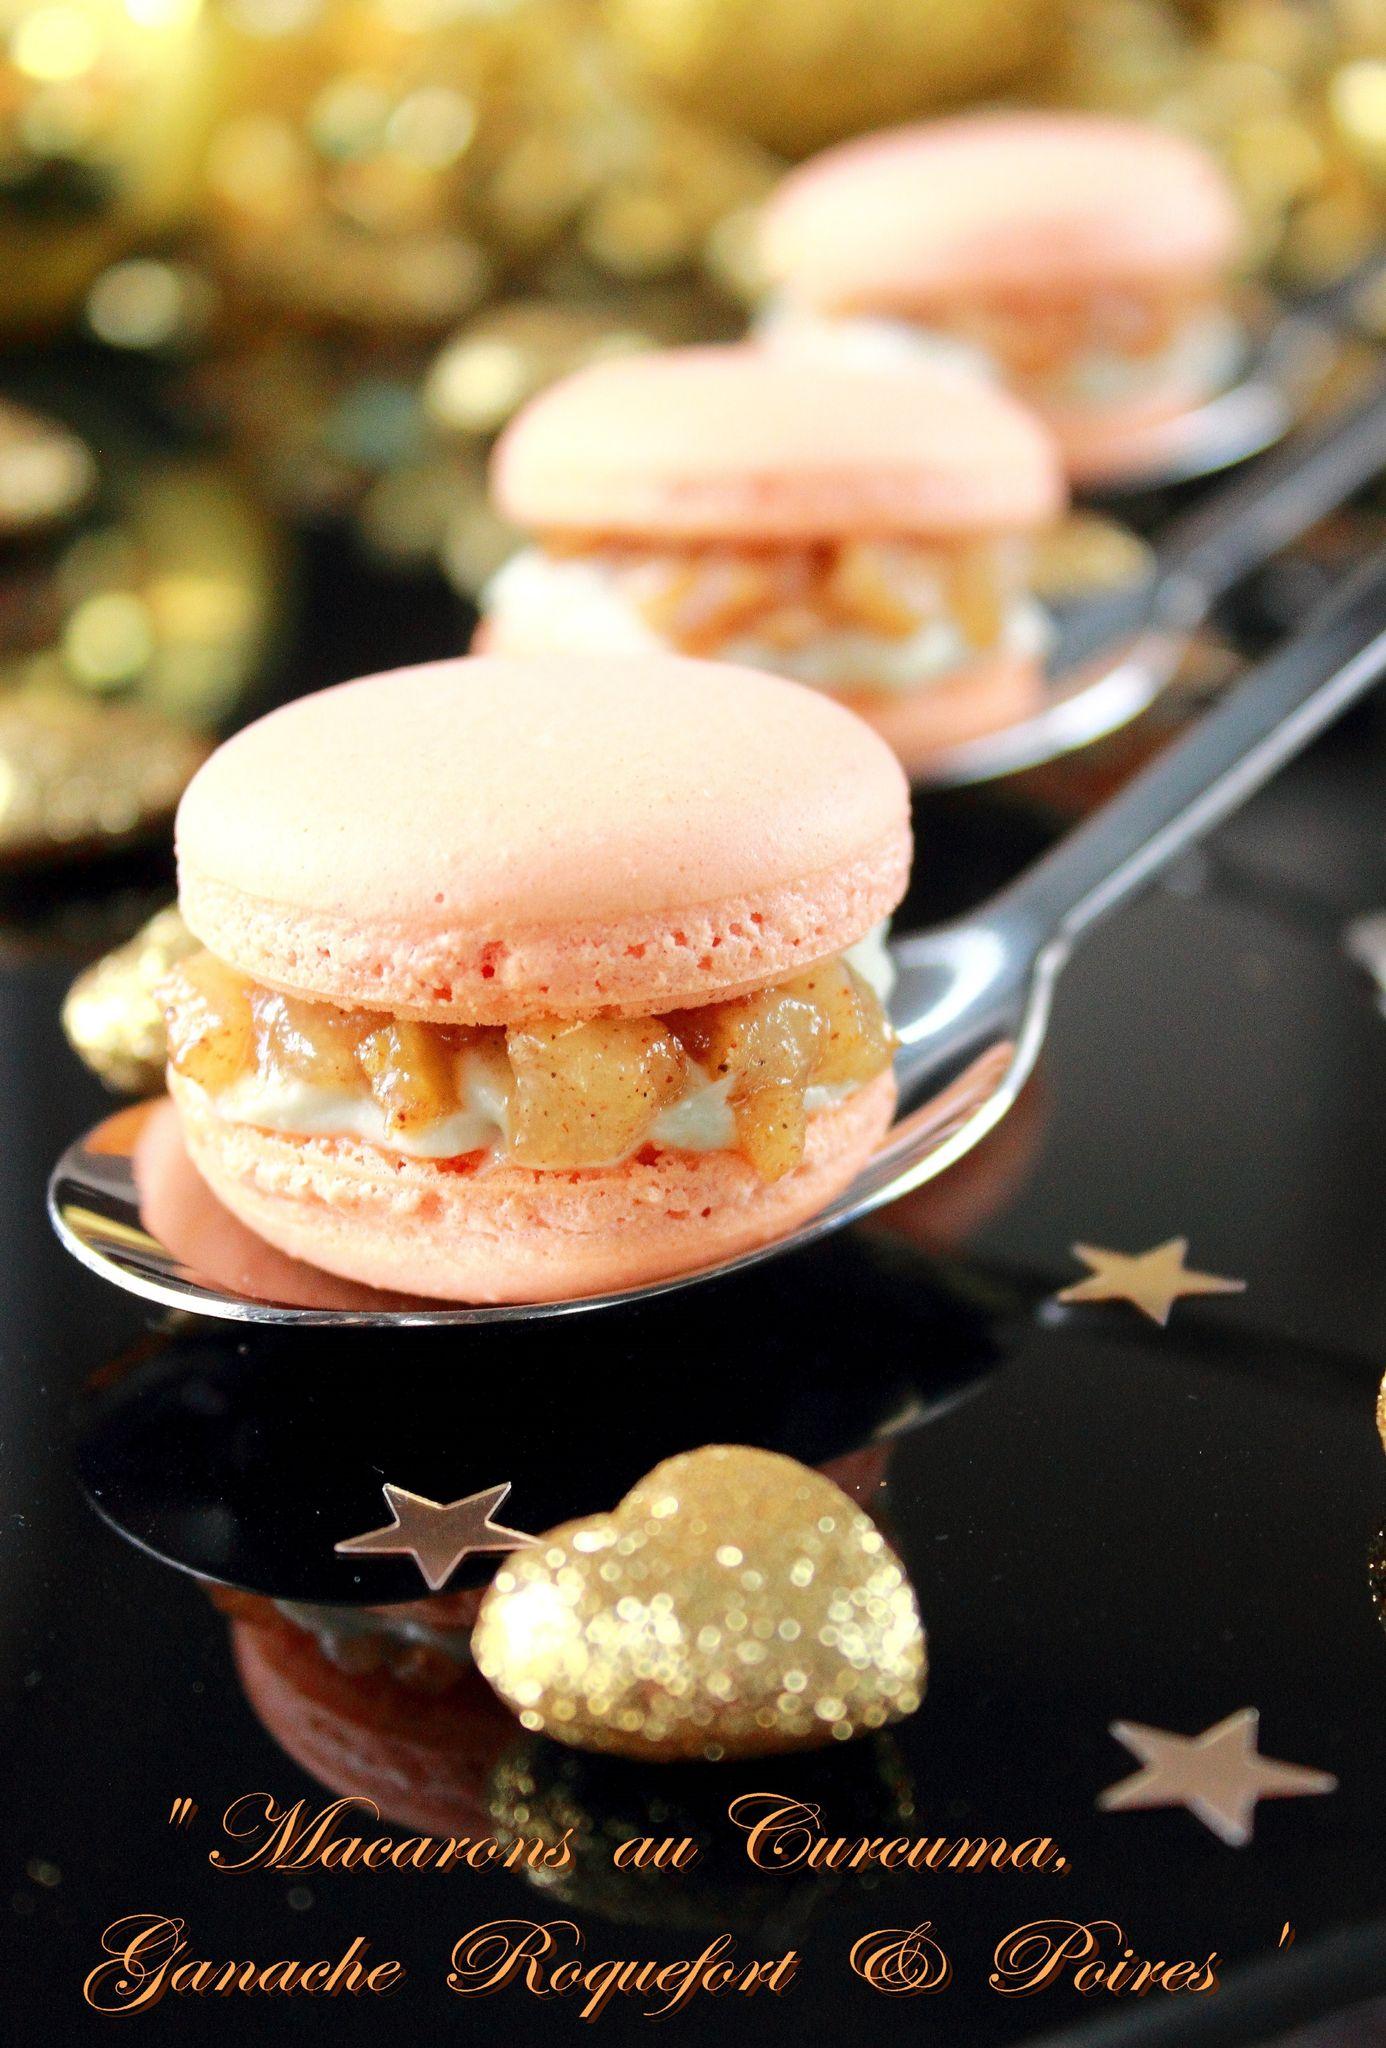 Macaron au curcuma, roquefort & poires5